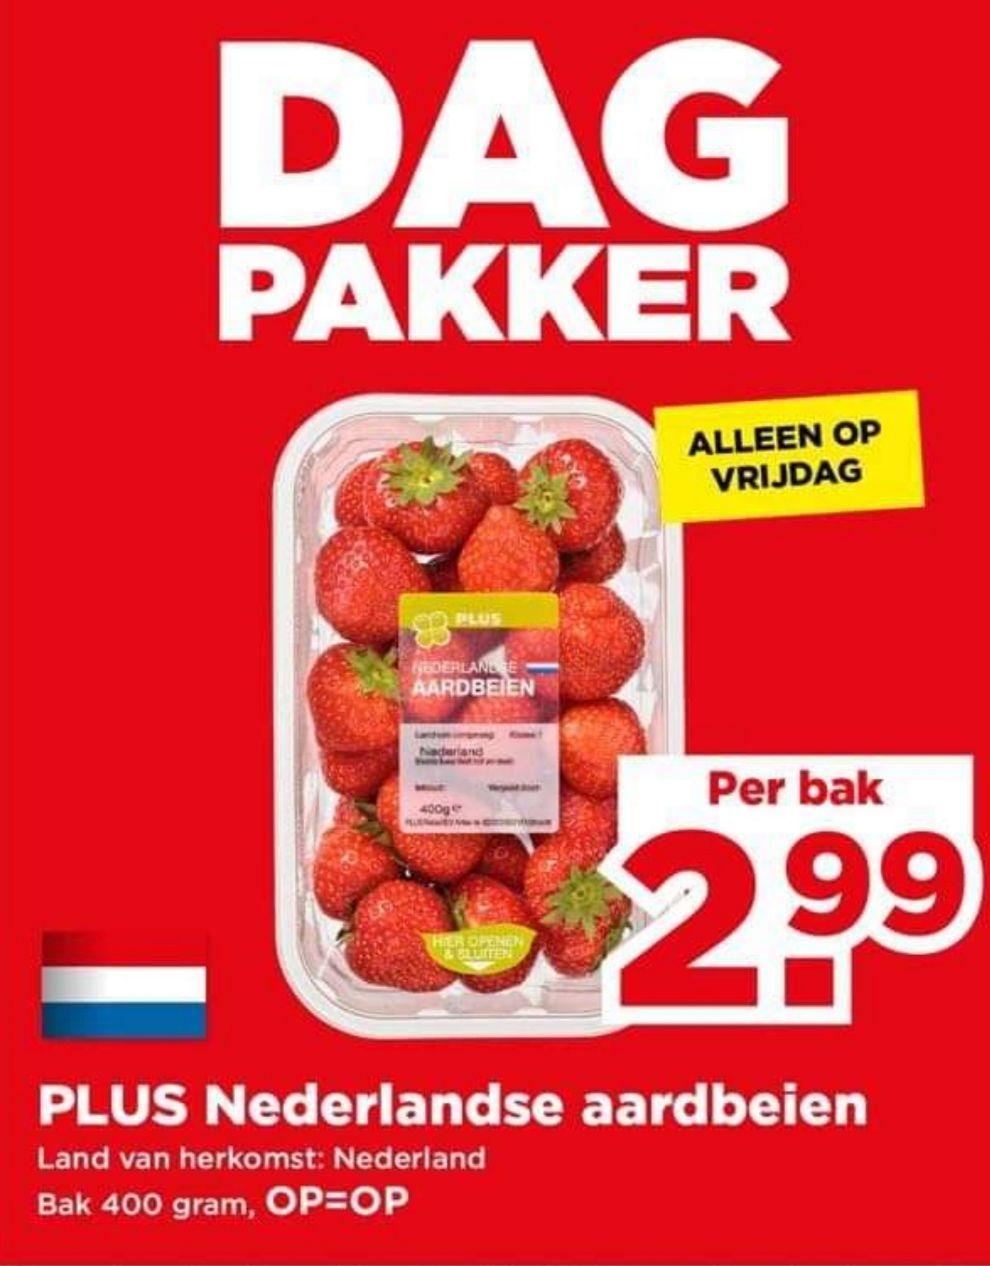 PLUS DagPakker: 400 gram Hollandse Aardbeien van €4,99 voor €2,99